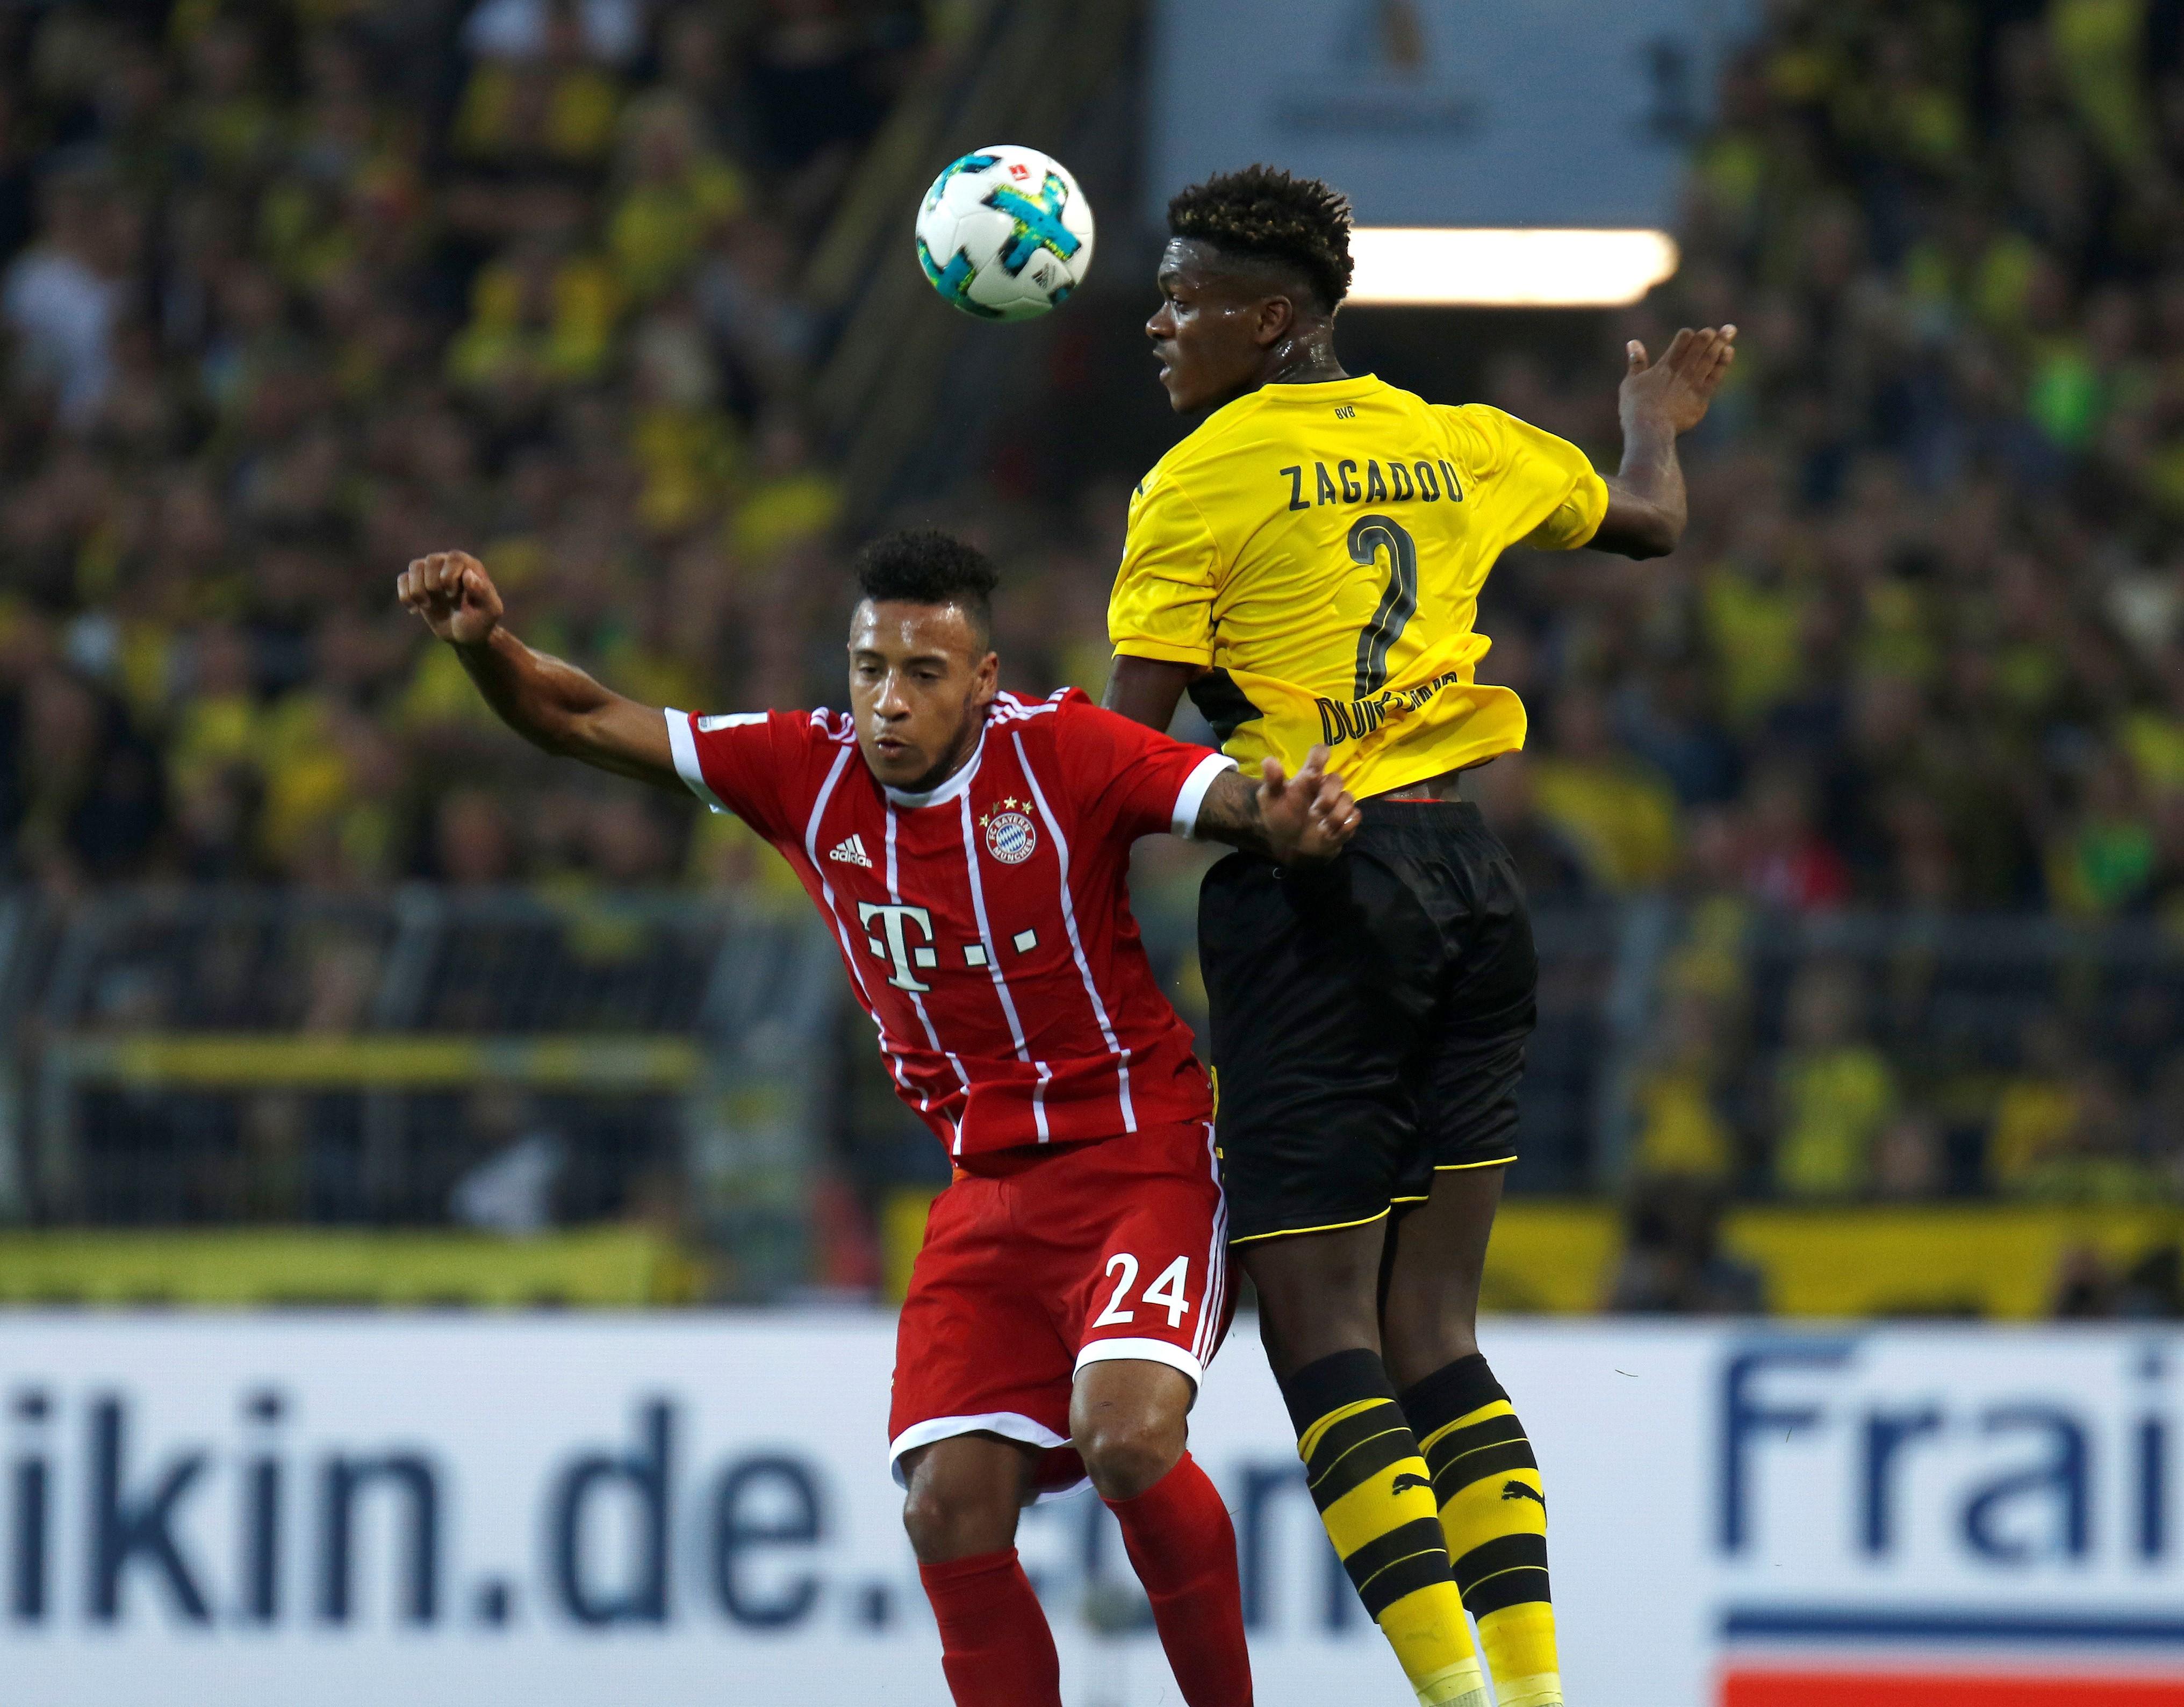 Ribéry, Tolisso, Dembelé : De la Ligue 1 à la Bundesliga il n'y a qu'un pas